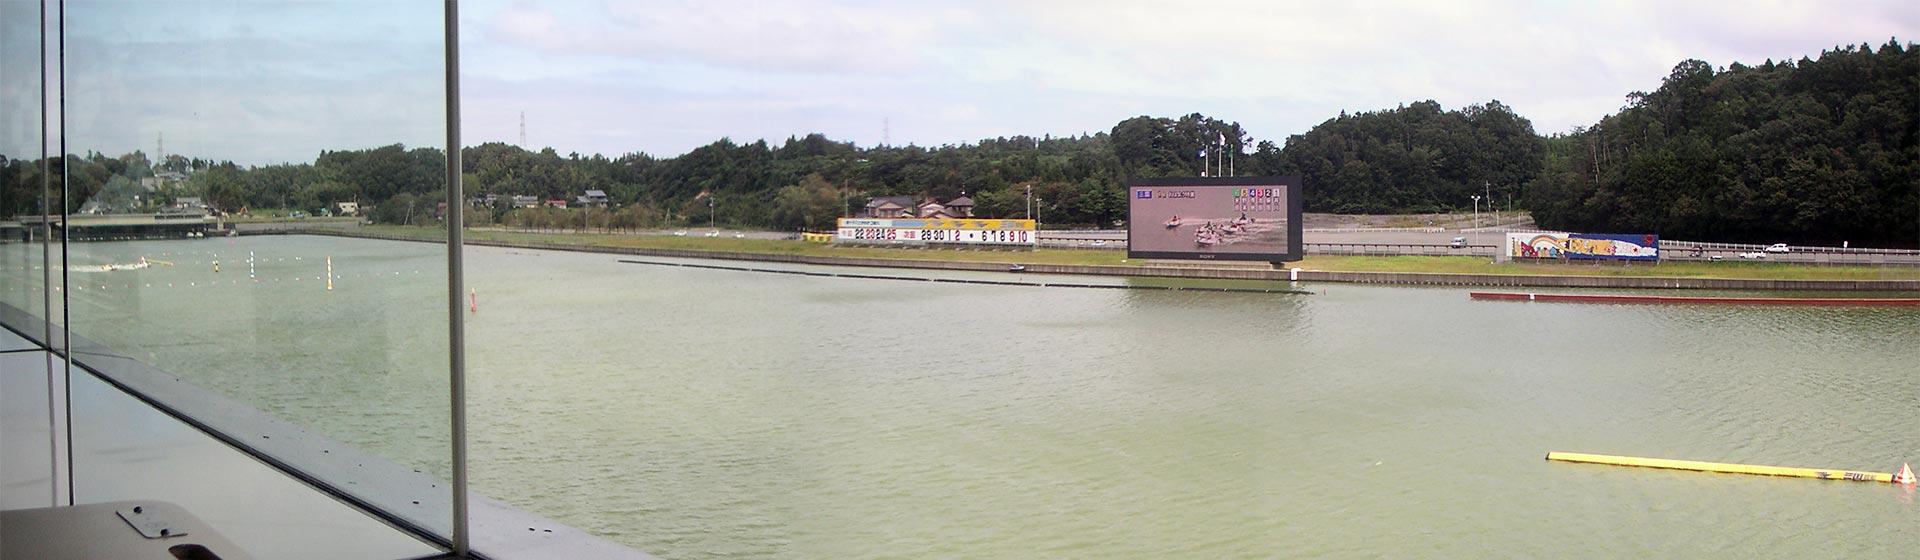 三国競艇場パノラマ